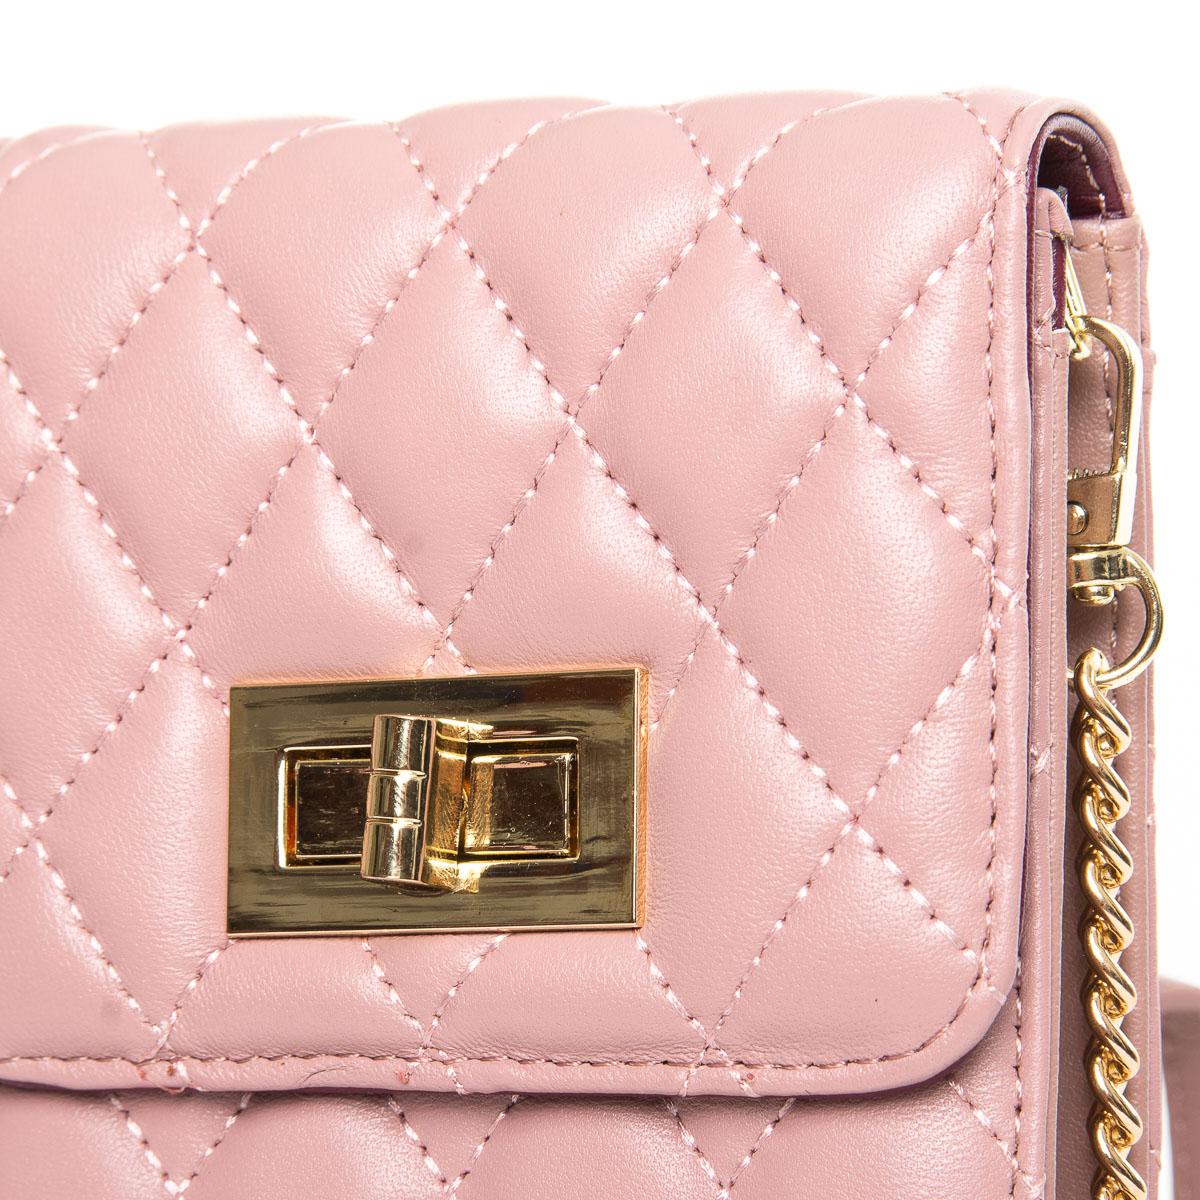 Сумка Женская Клатч кожа ALEX RAI 03-1 1038 pink - фото 3